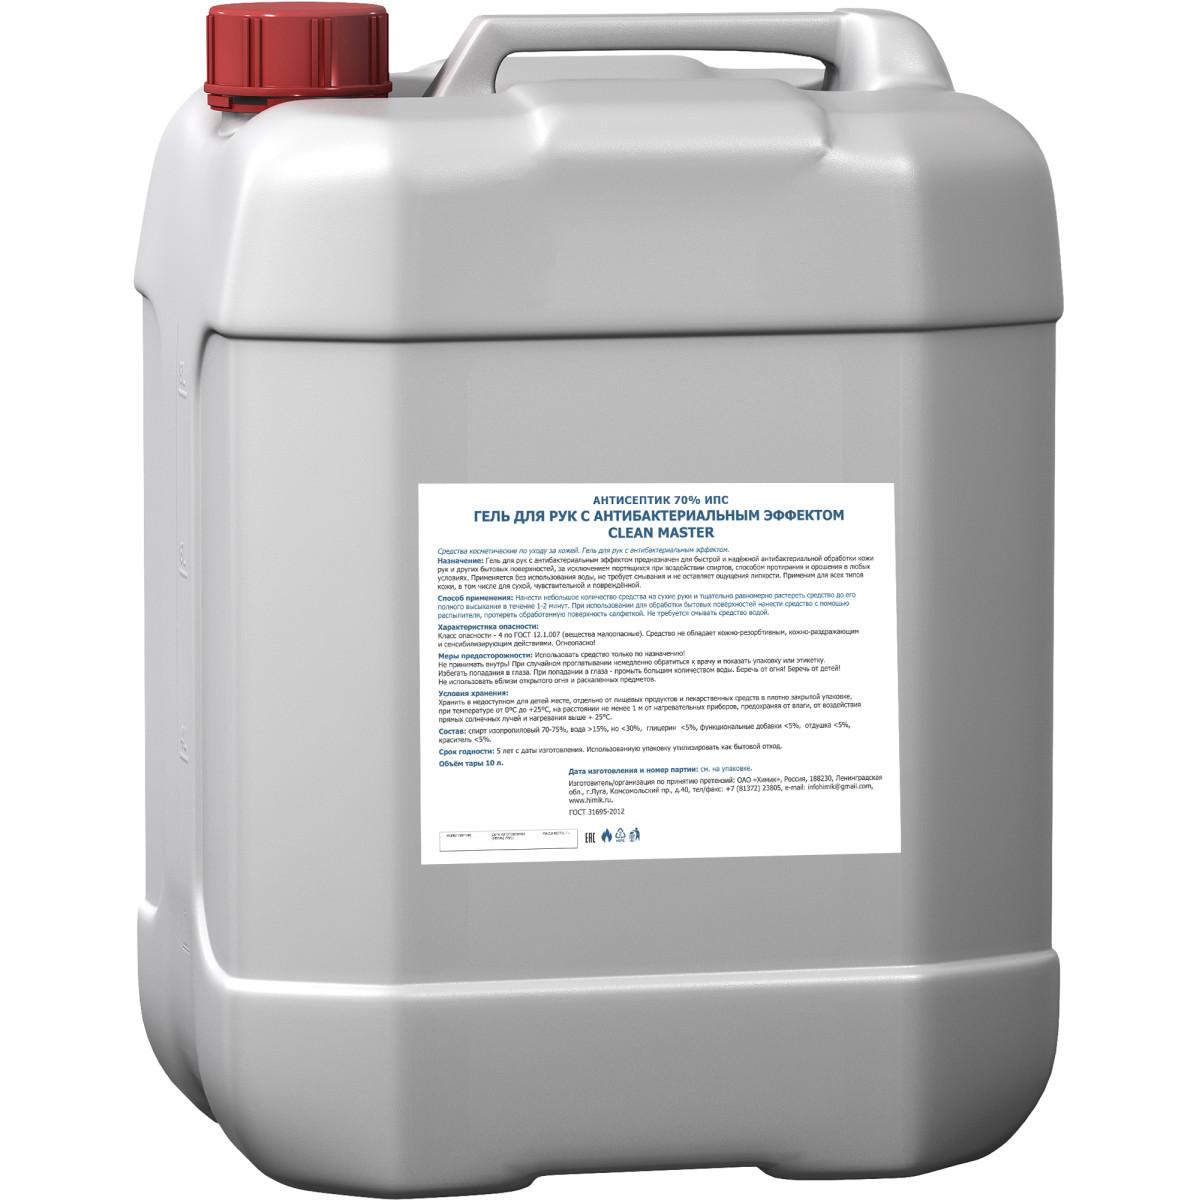 Антибактериальный гель для рук Clean Master на основе изопропилового спирта 70% 10 л